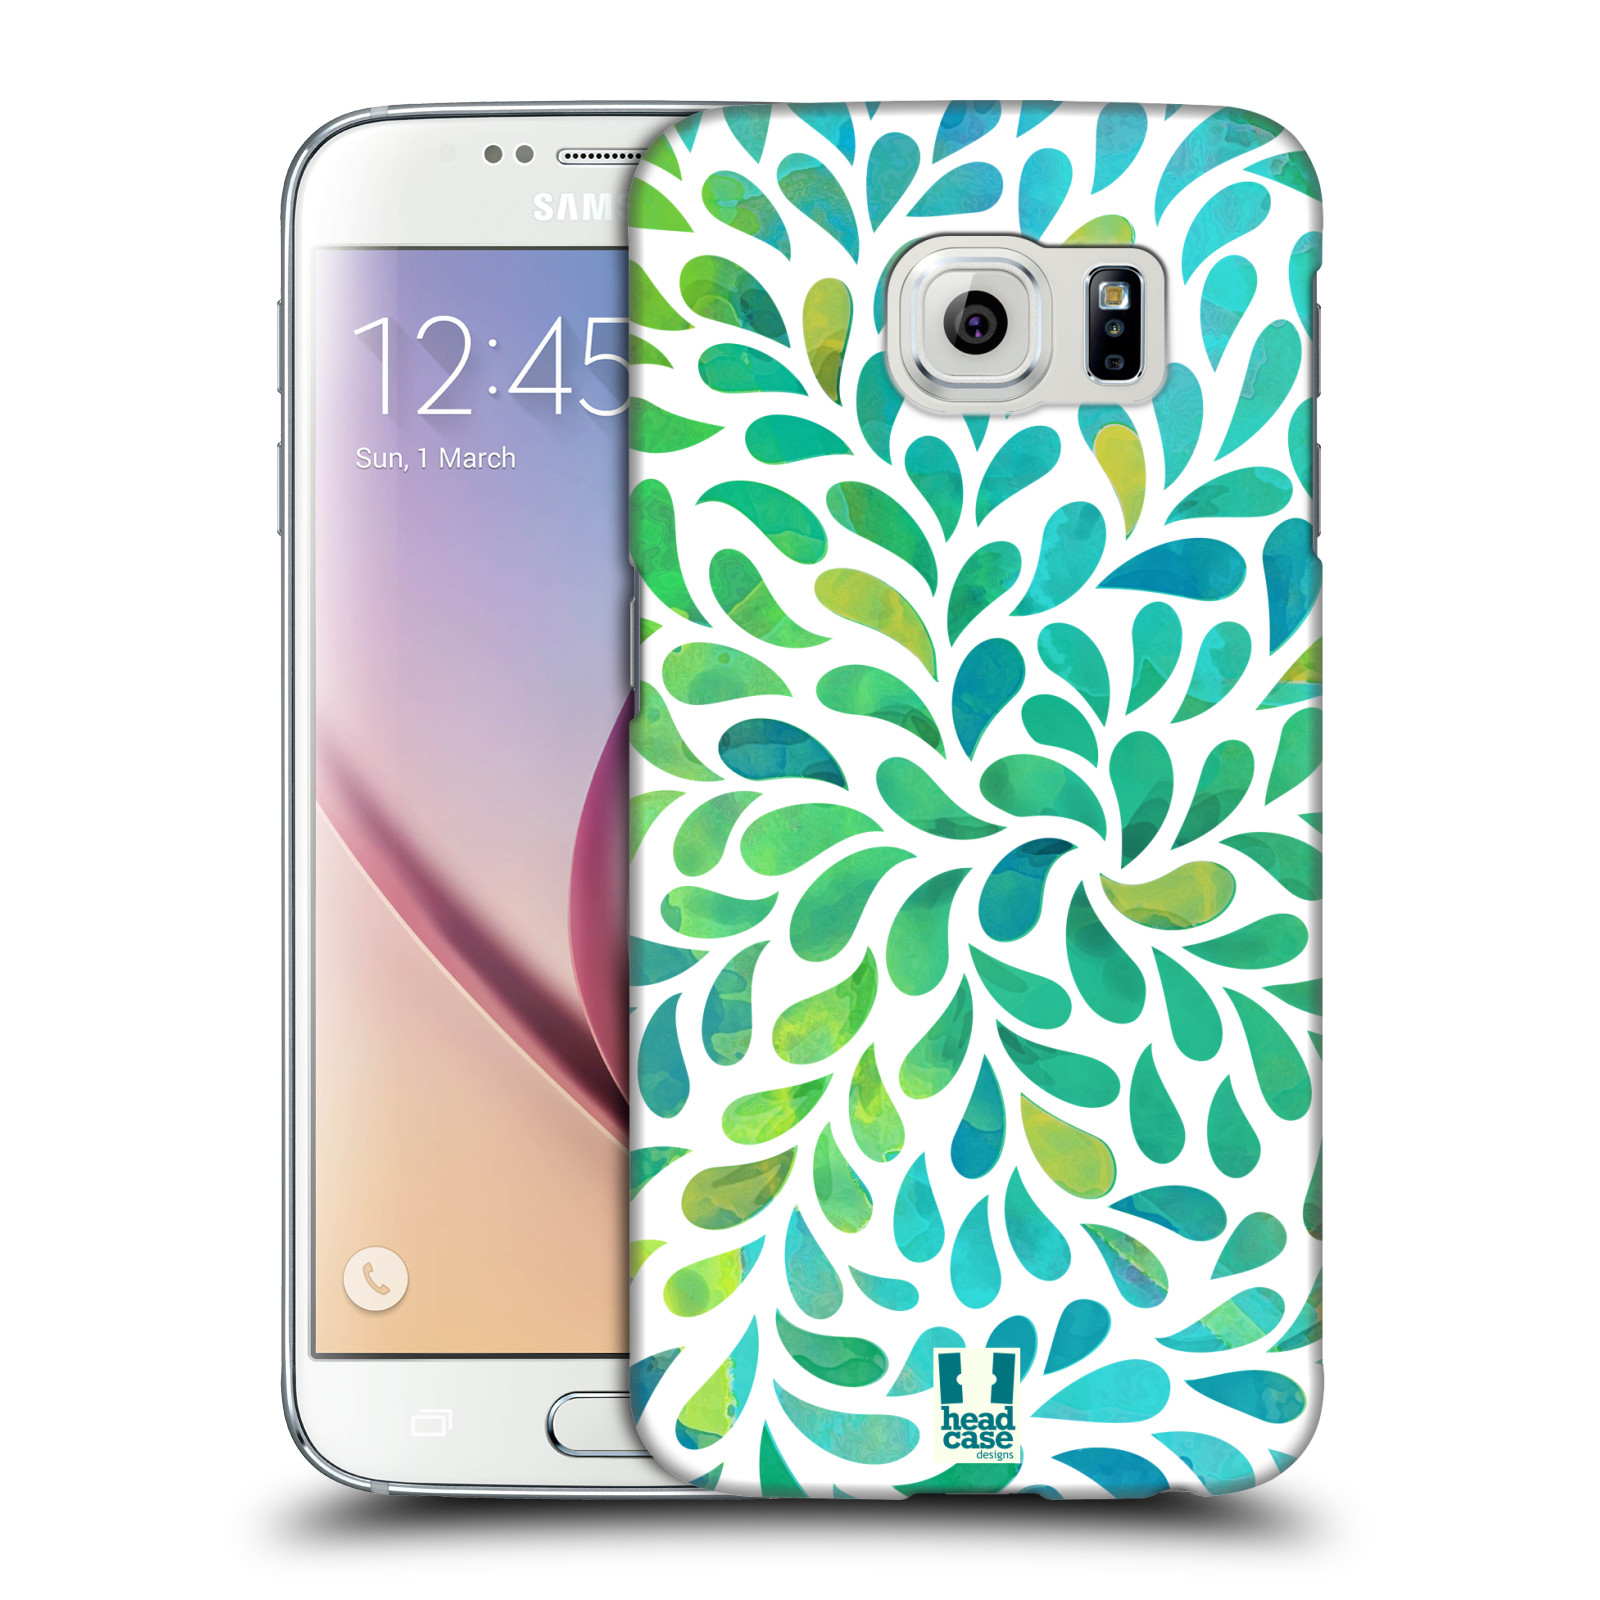 Plastové pouzdro na mobil Samsung Galaxy S6 HEAD CASE Droplet Wave Kapičky (Kryt či obal na mobilní telefon Samsung Galaxy S6 SM-G920F)